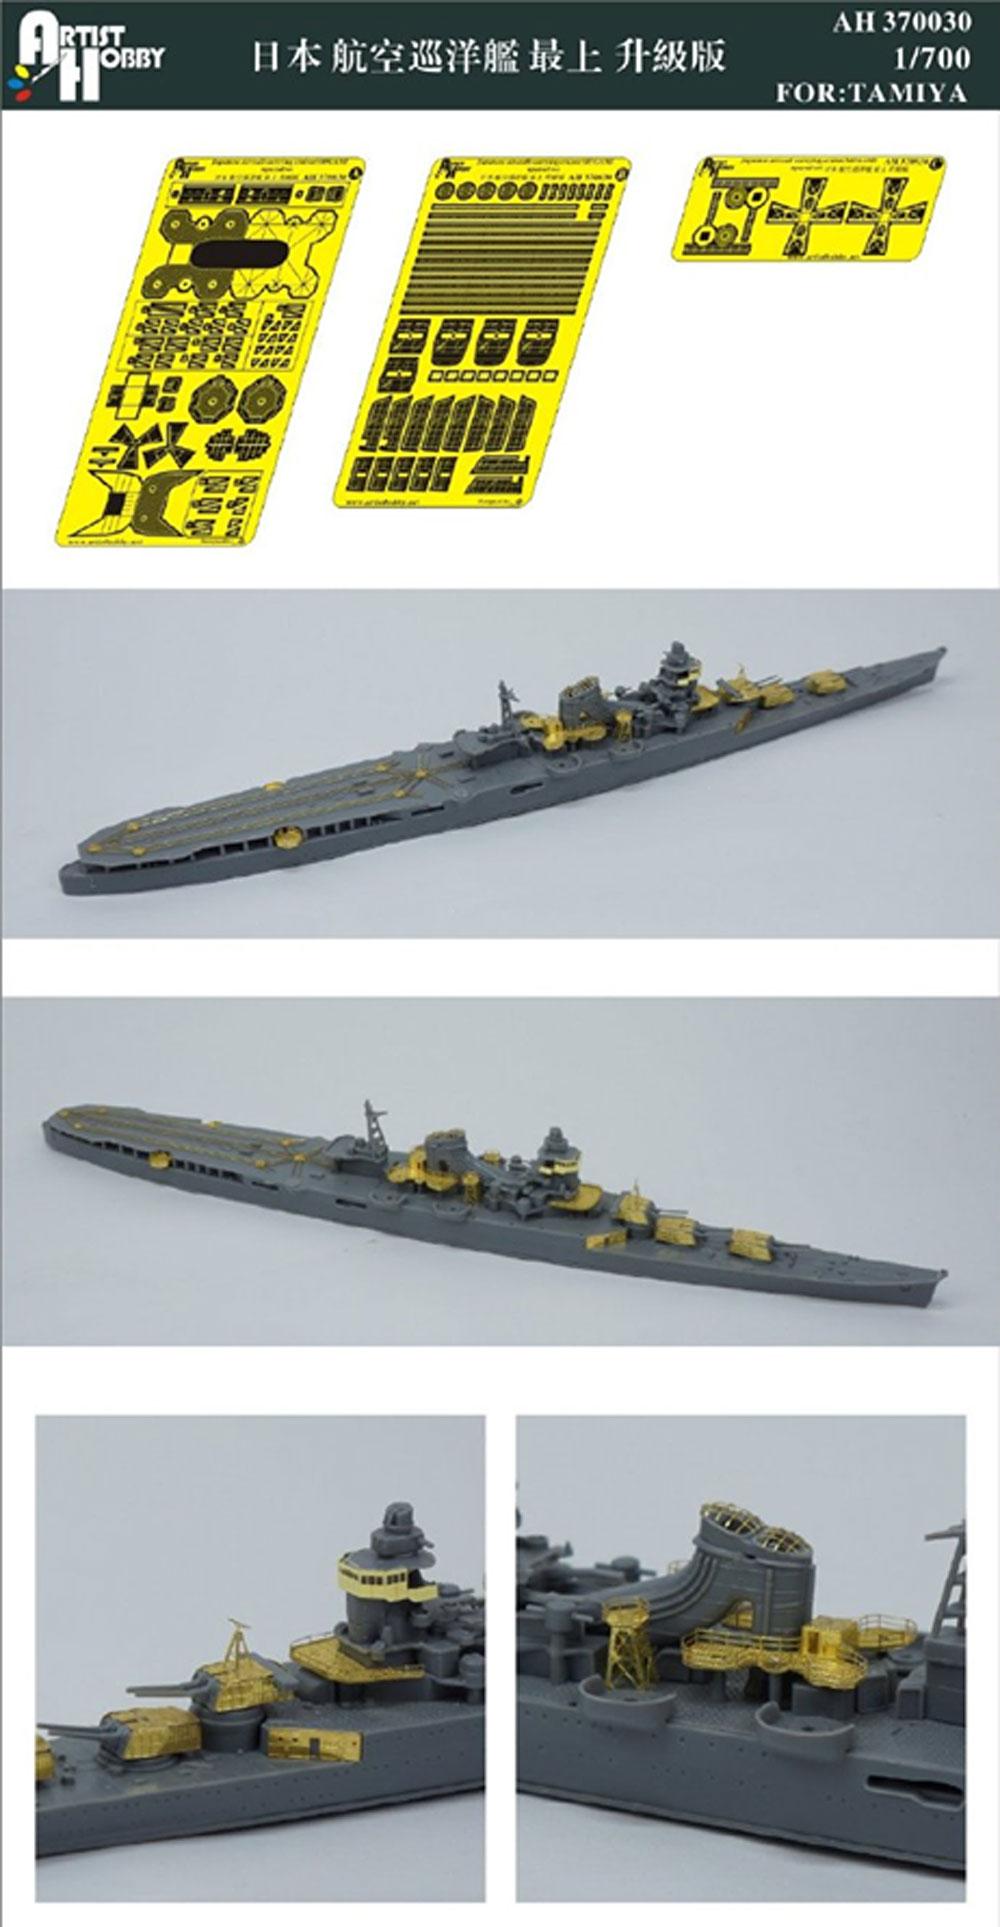 日本海軍 航空巡洋艦 最上 アップグレードセット (タミヤ用)エッチング(アーティストホビー1/700 アップグレードパーツNo.AH370030)商品画像_1